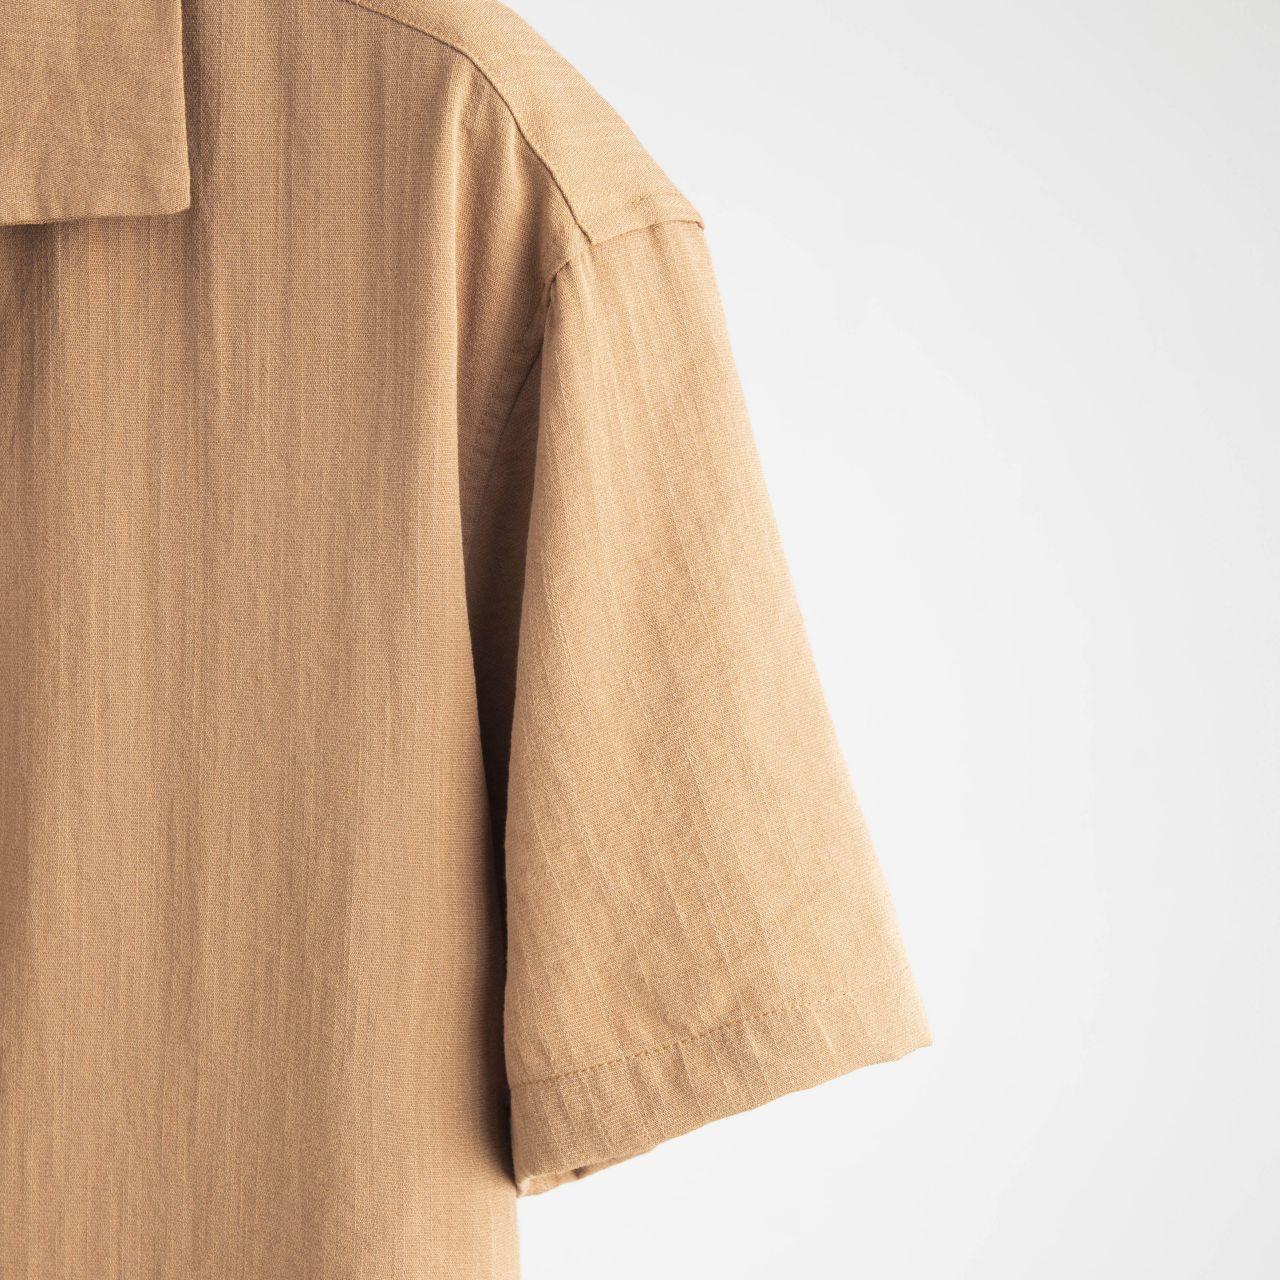 SP349 - Áo Sơ Mi Vest Linen